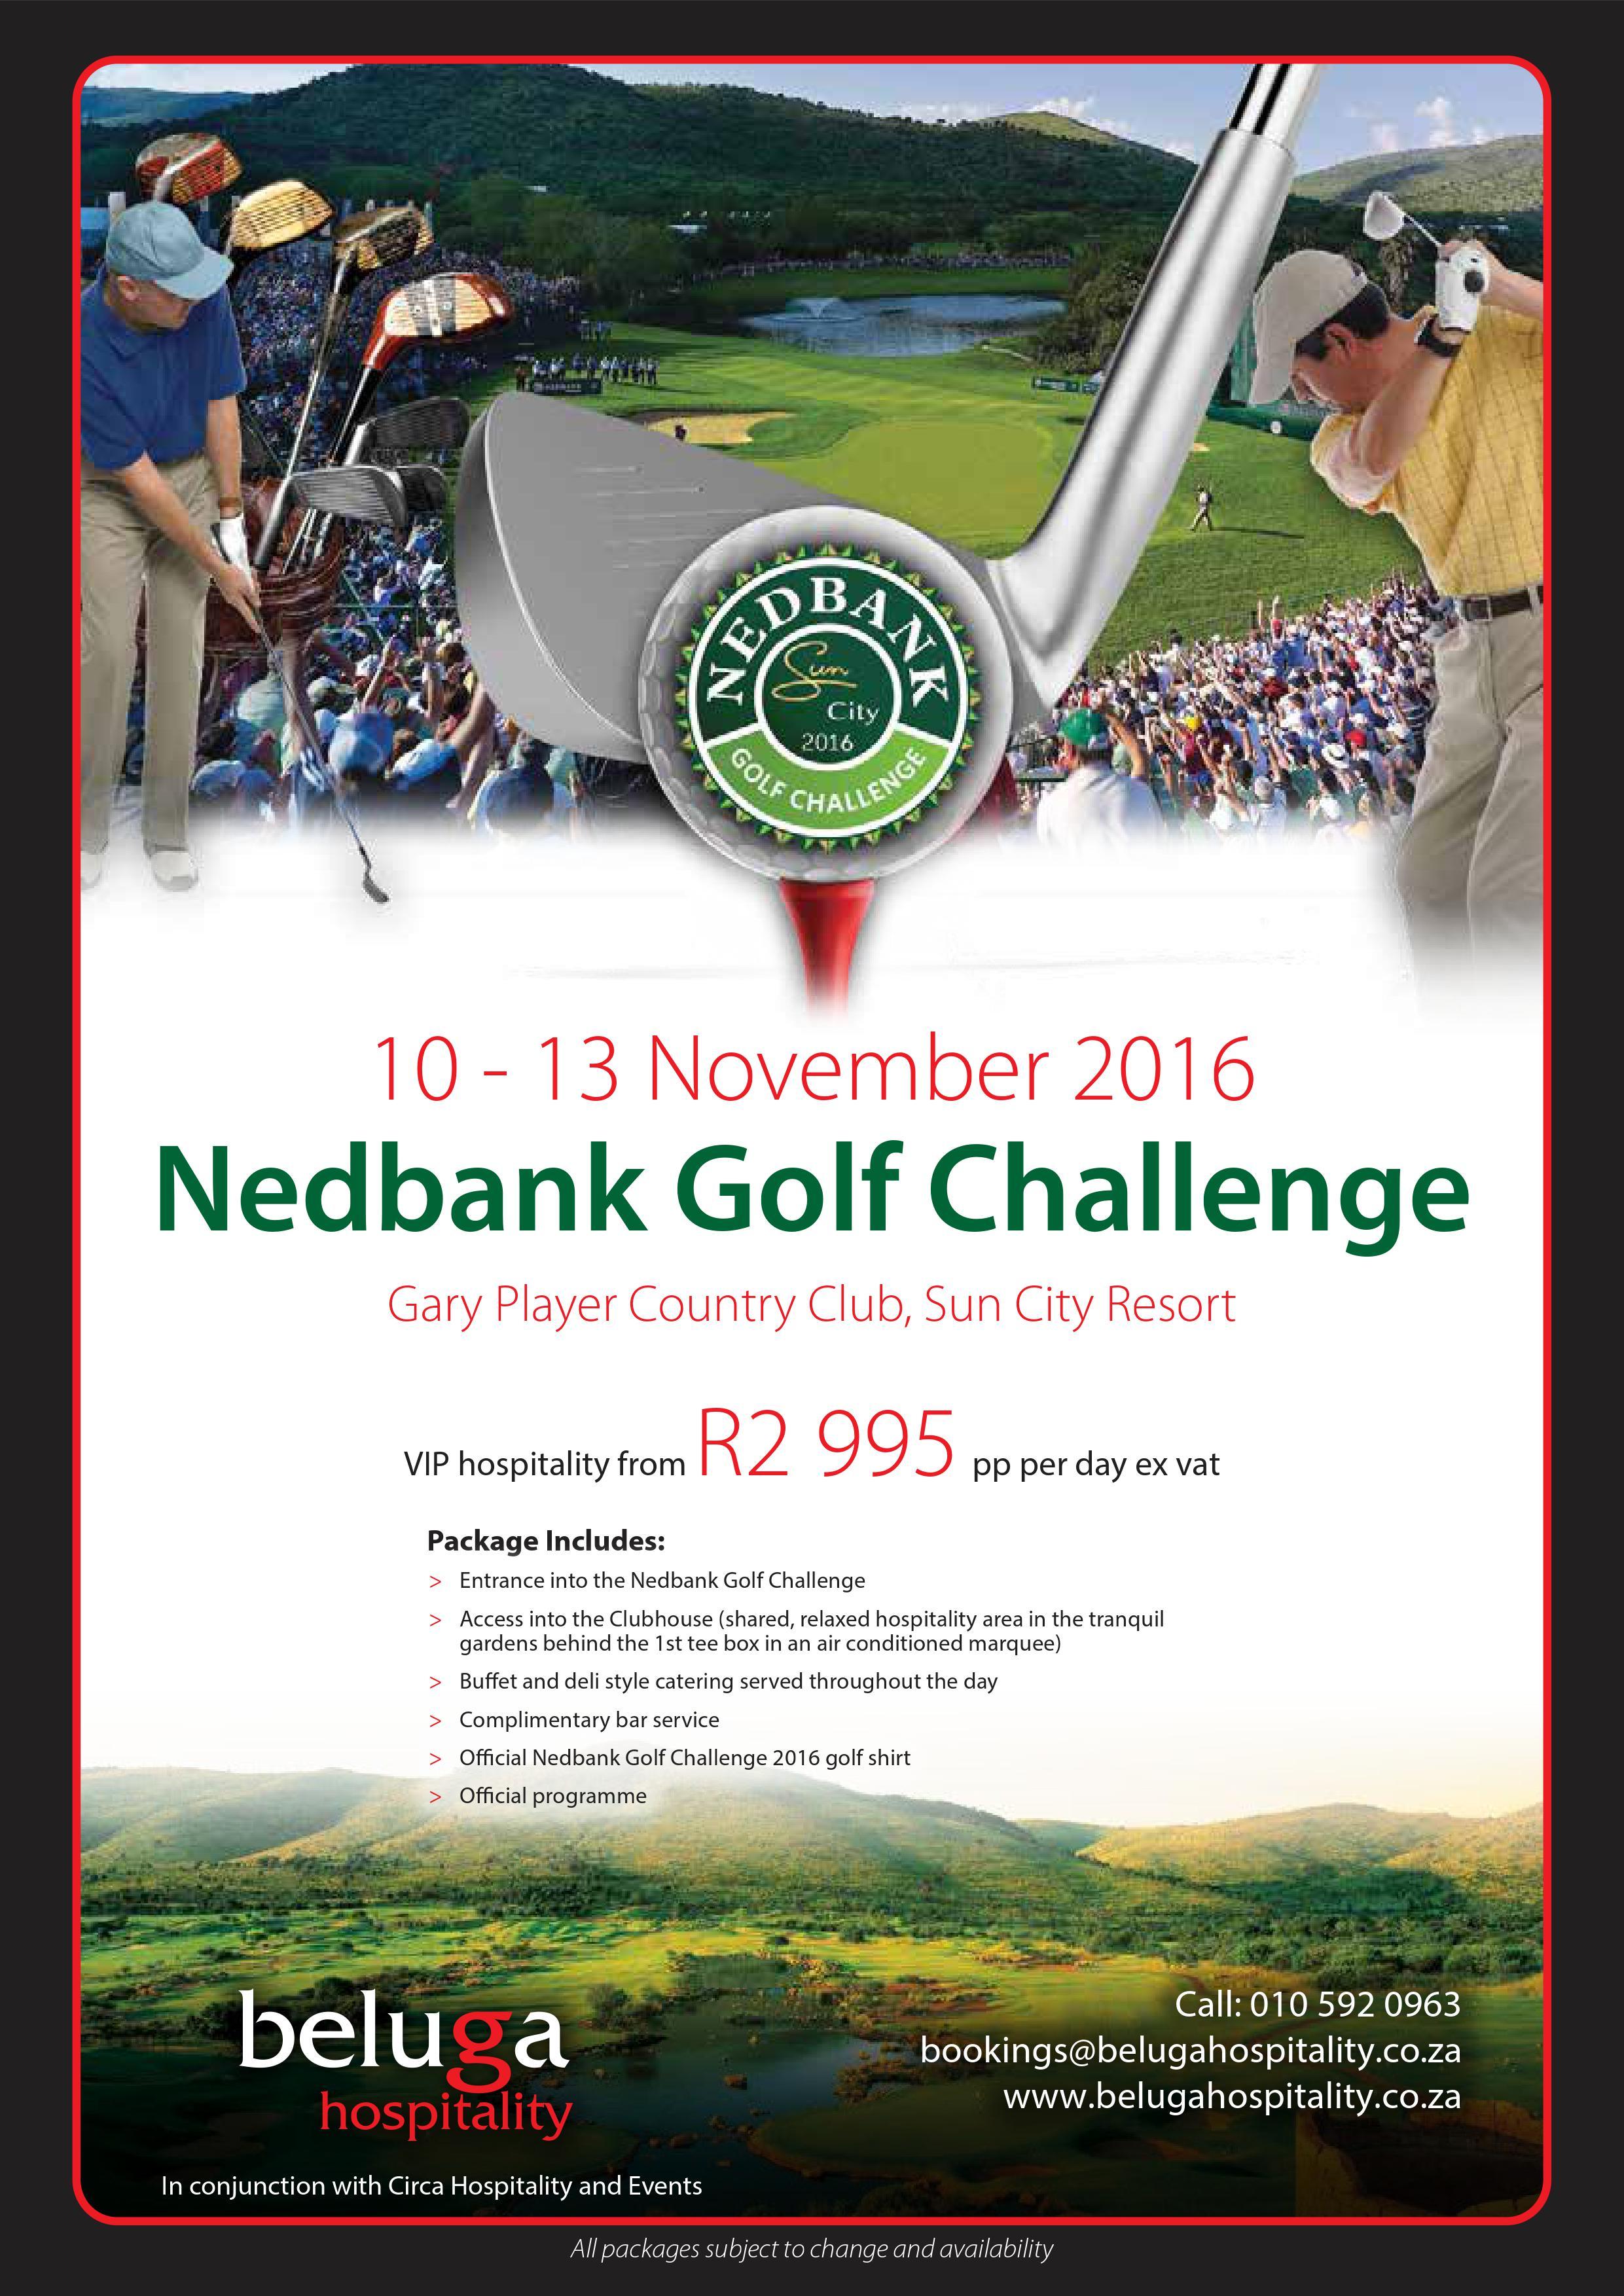 nedbank golf challenge - photo #39